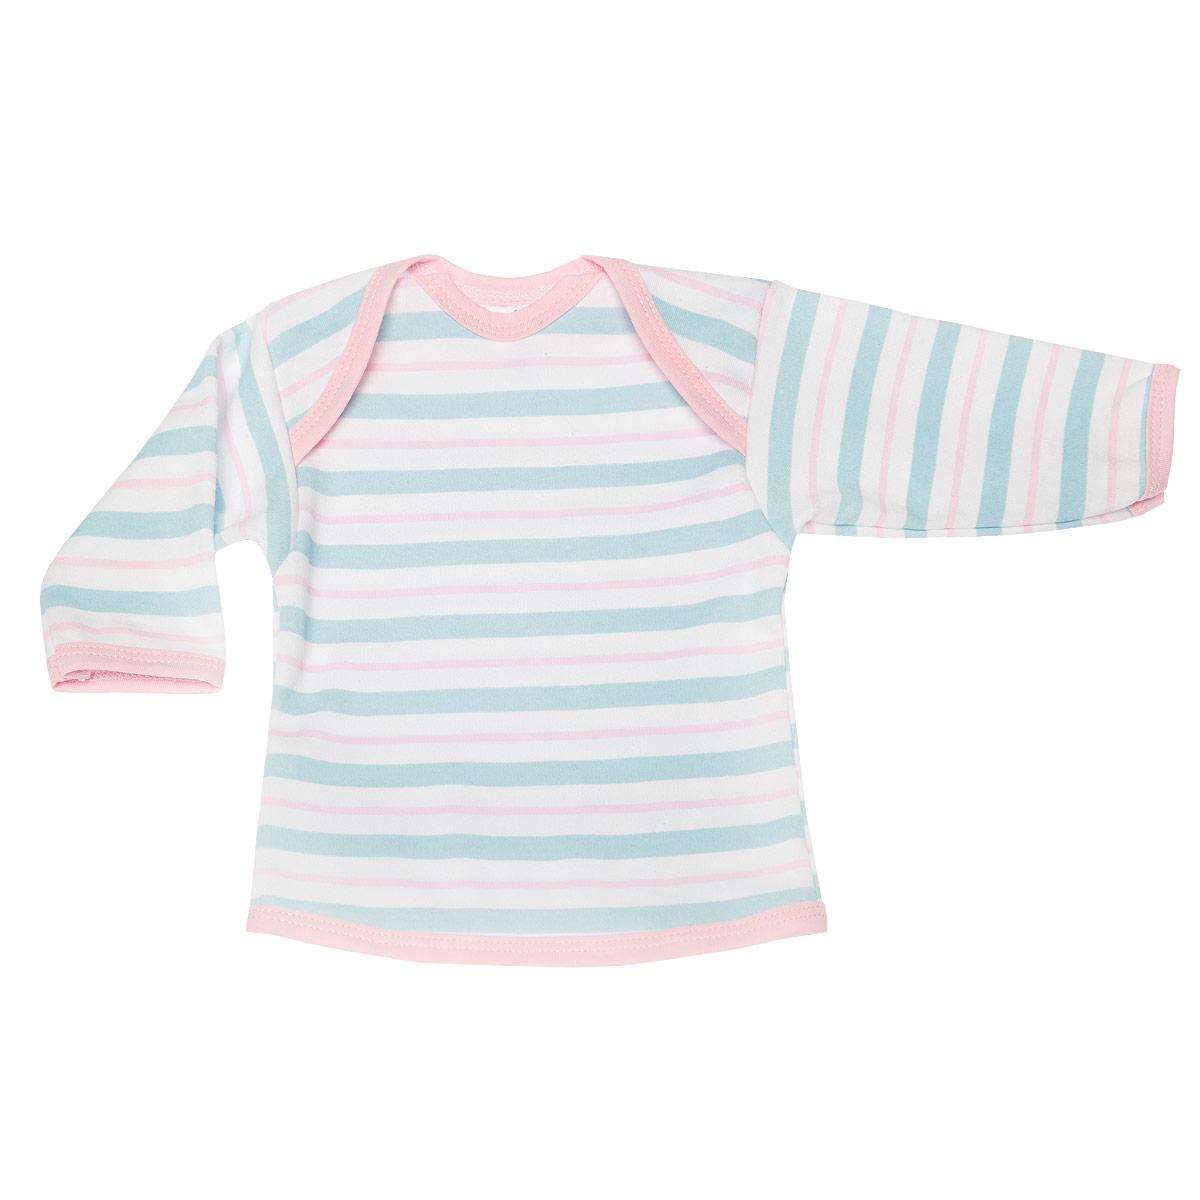 Футболка с длинным рукавом детская Трон-плюс, цвет: бирюзовый, розовый, белый. 5611_полоска. Размер 56, 1 месяц5611_полоскаУдобная детская футболка Трон-плюс с длинными рукавами послужит идеальным дополнением к гардеробу вашего ребенка, обеспечивая ему наибольший комфорт. Изготовленная из интерлока - натурального хлопка, она необычайно мягкая и легкая, не раздражает нежную кожу ребенка и хорошо вентилируется, а эластичные швы приятны телу ребенка и не препятствуют его движениям. Удобные запахи на плечах помогают легко переодеть младенца. Горловина, низ модели и низ рукавов дополнены трикотажной бейкой. Спинка модели незначительно укорочена. Оформлено изделие принтом в полоску. Футболка полностью соответствует особенностям жизни ребенка в ранний период, не стесняя и не ограничивая его в движениях.